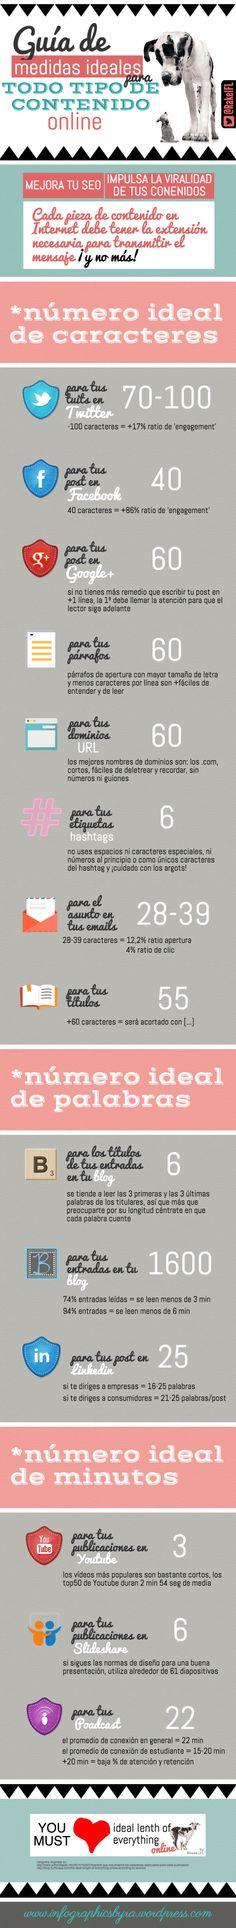 Guía de medidas ideales para cualquier tipo de contenido online, infografía de Rakel Felipe